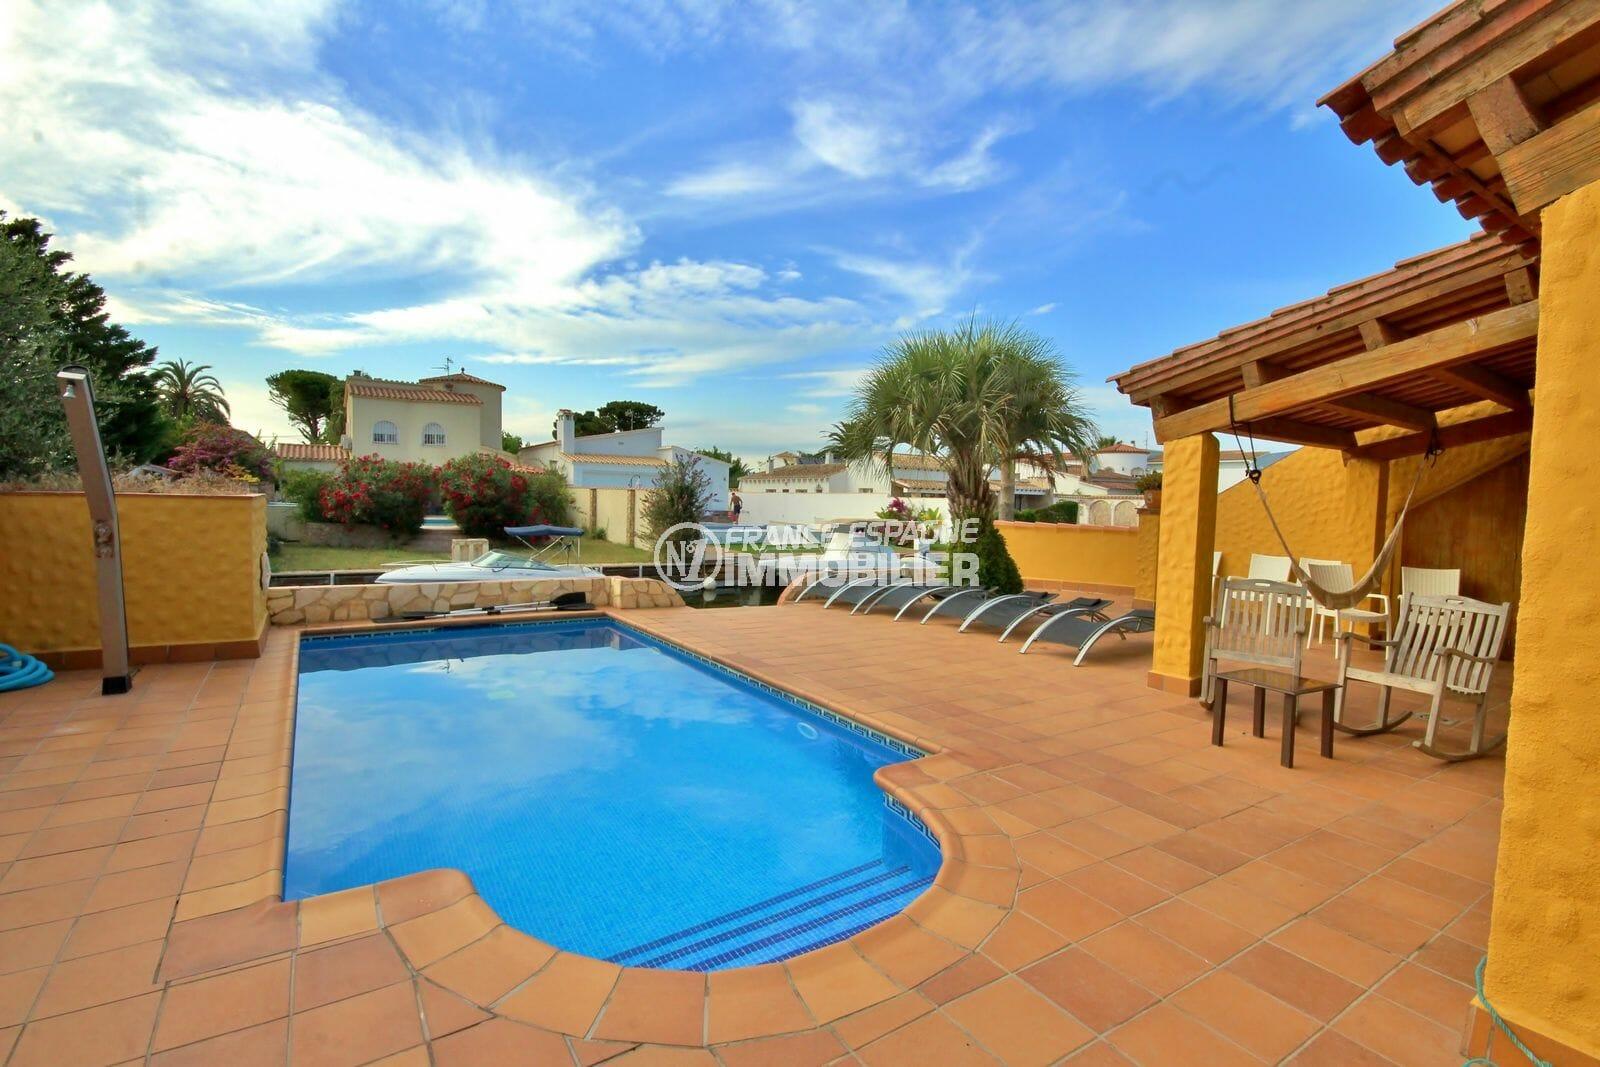 maison a vendre empuria brava, vue canal, terrain de 500 m² avec piscine de 7 m x 4 m